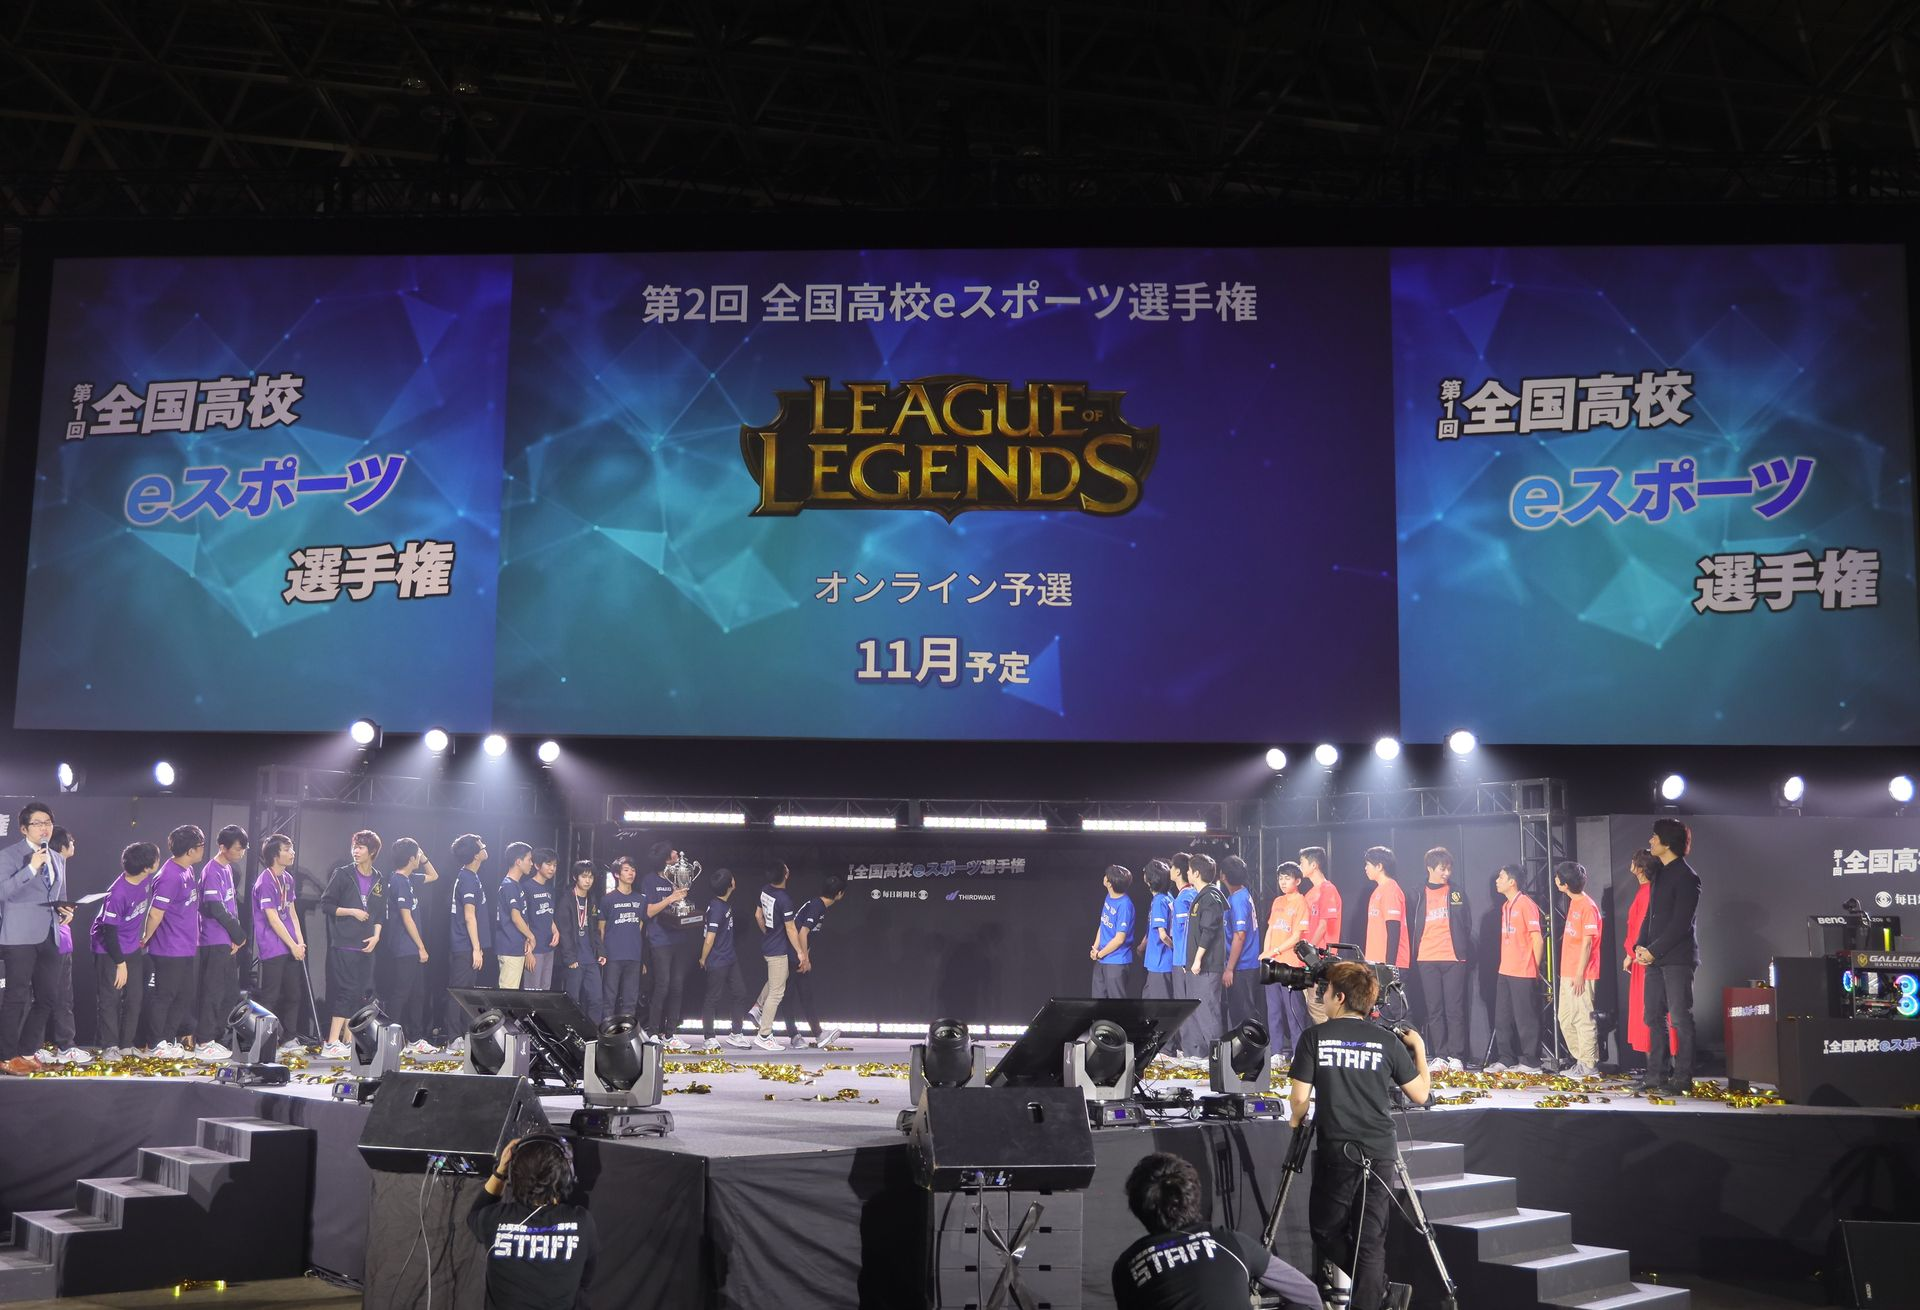 「League of Legends」は11月開催予定